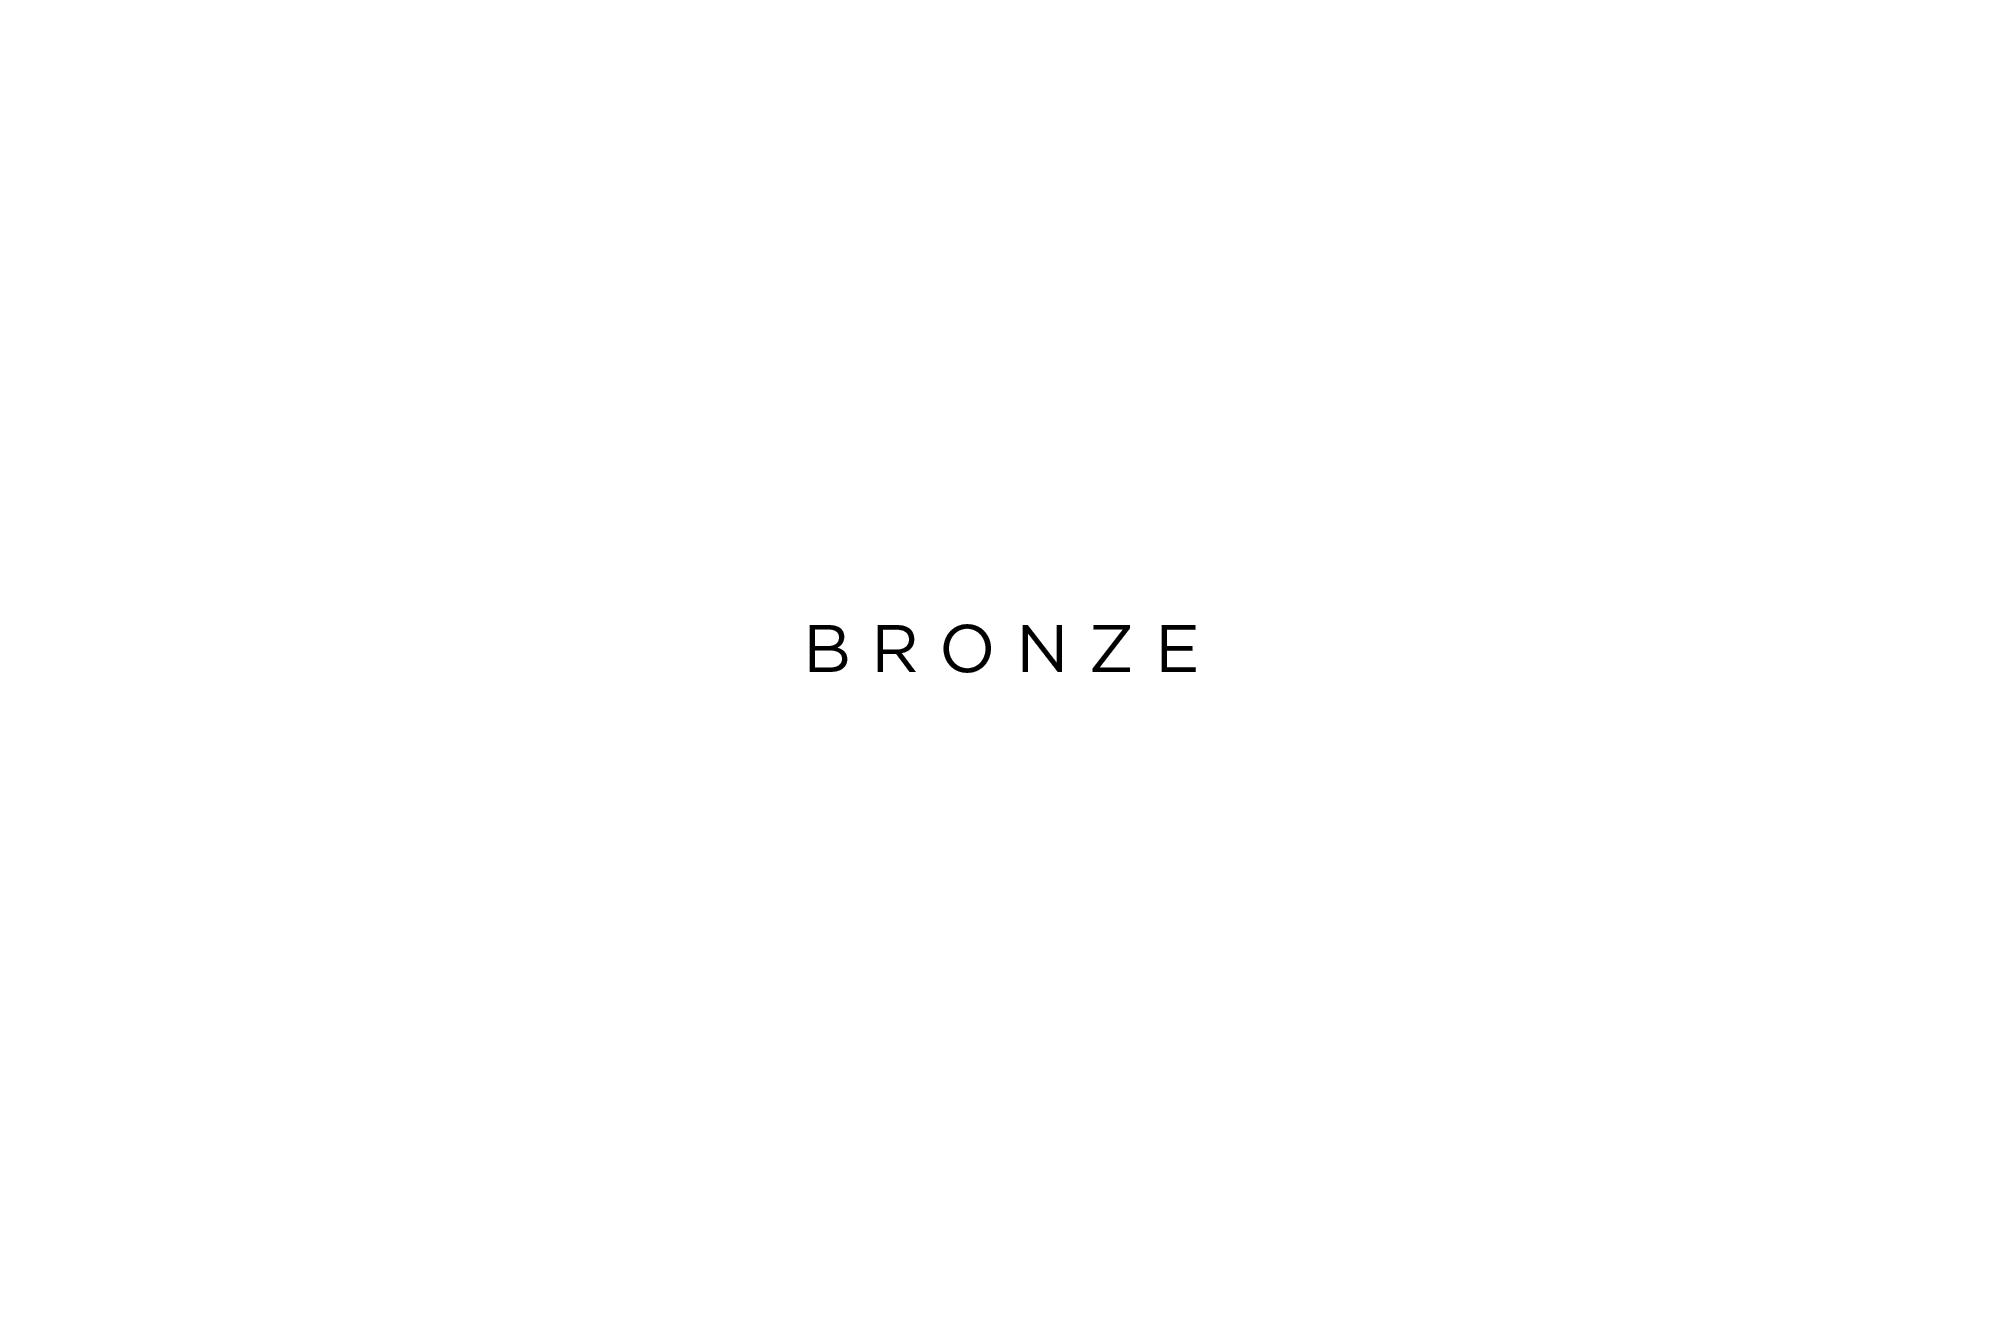 Bronze ok